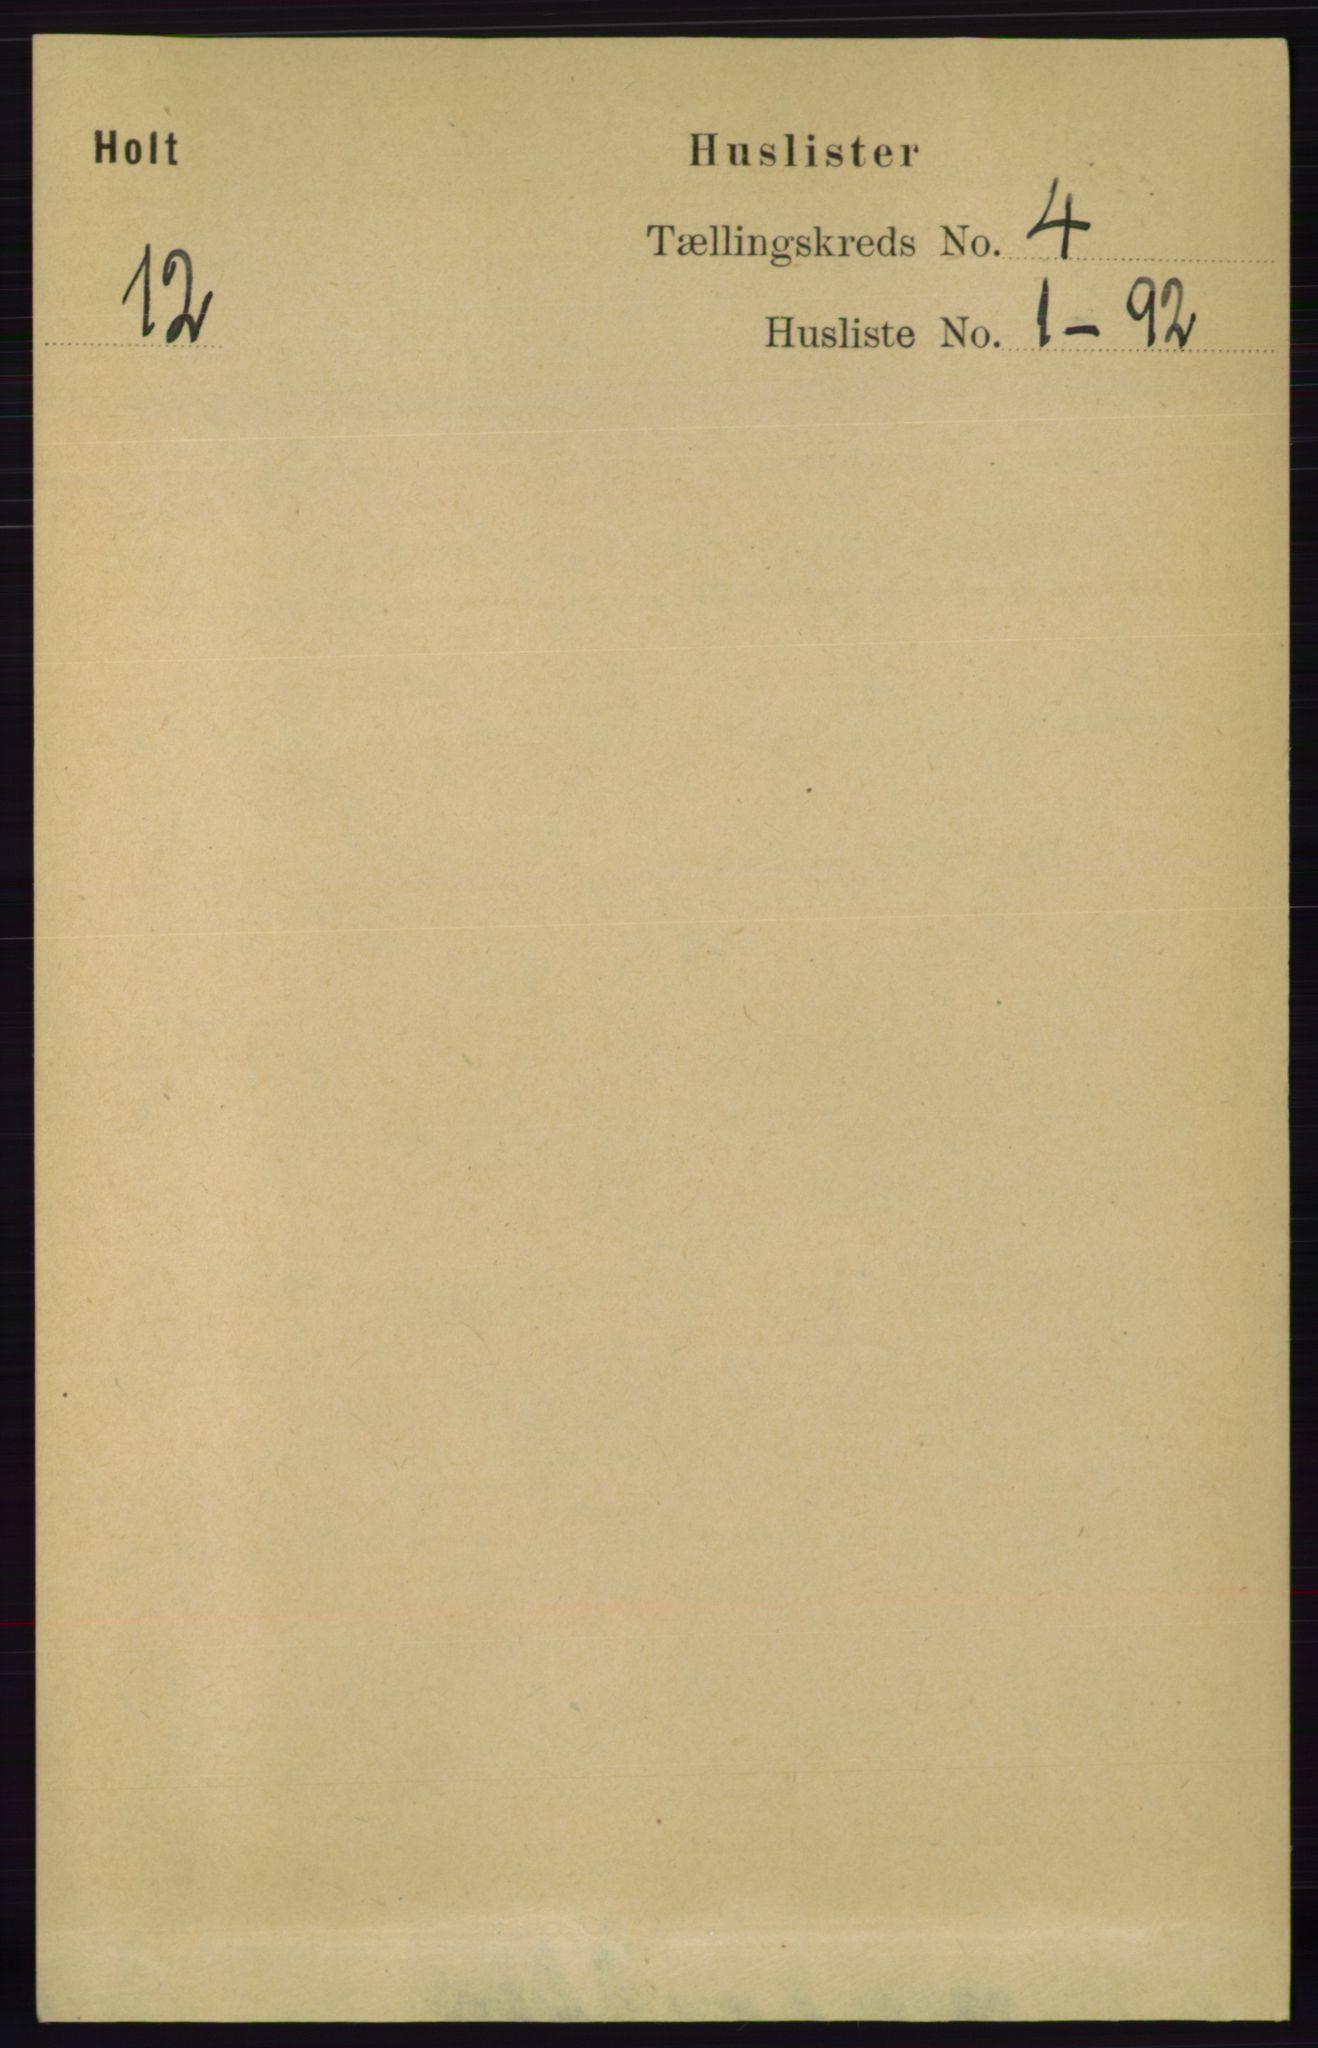 RA, Folketelling 1891 for 0914 Holt herred, 1891, s. 1543